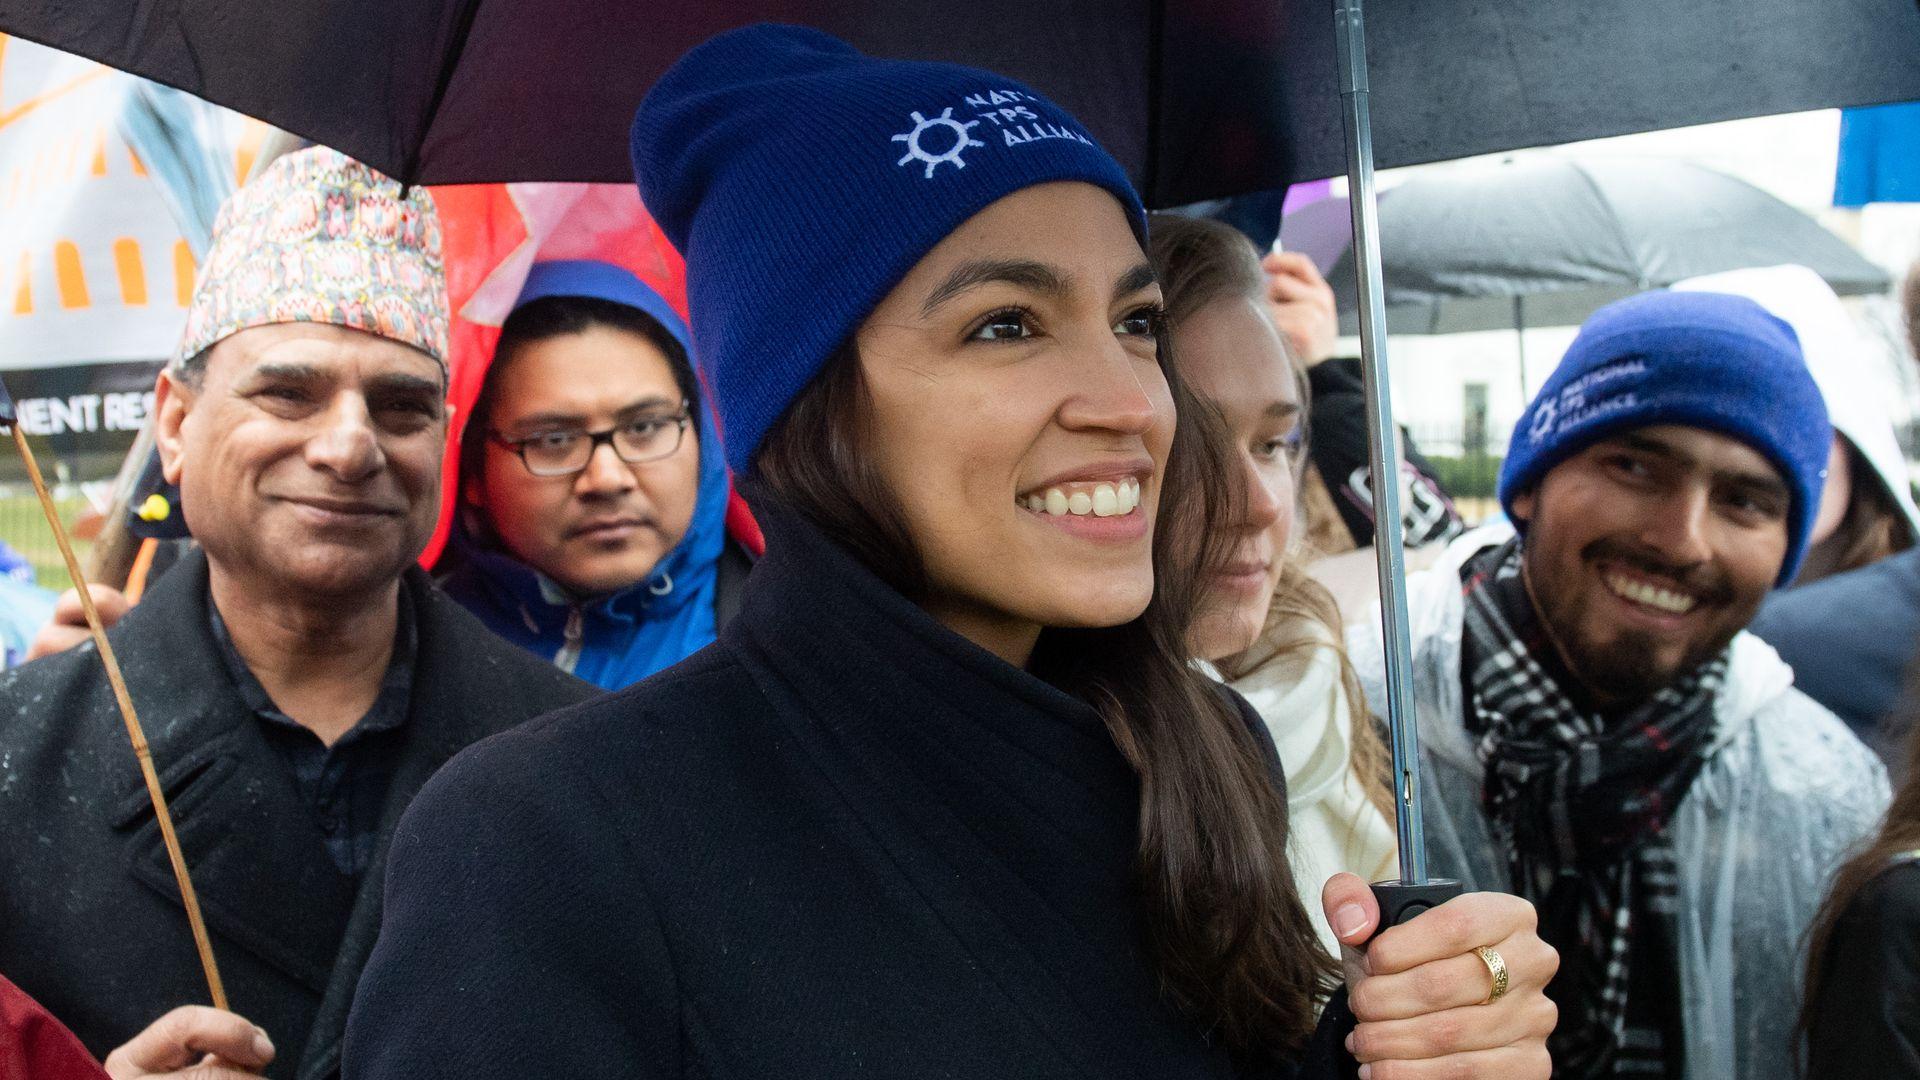 Alexandria ocasio cortez at march tps